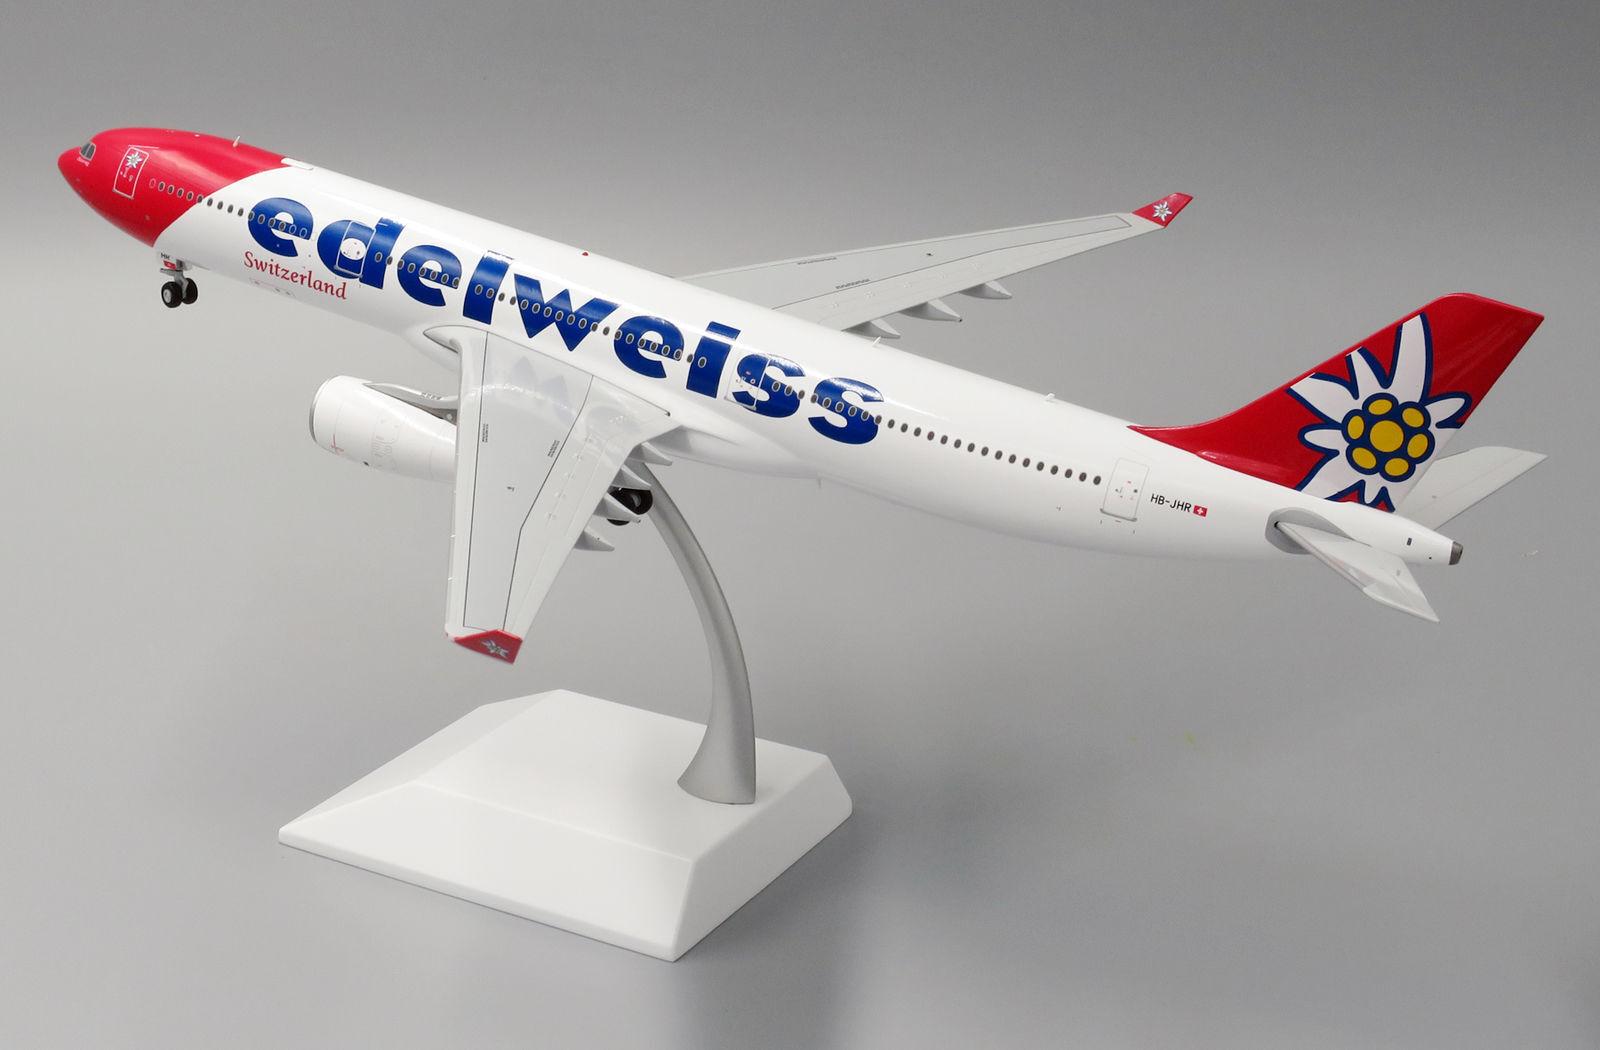 Jc Flügel Jclh2053 Jclh2053 Jclh2053 1 200 Edelweiss Airbus A330-300 Hb-Jhr 316db8